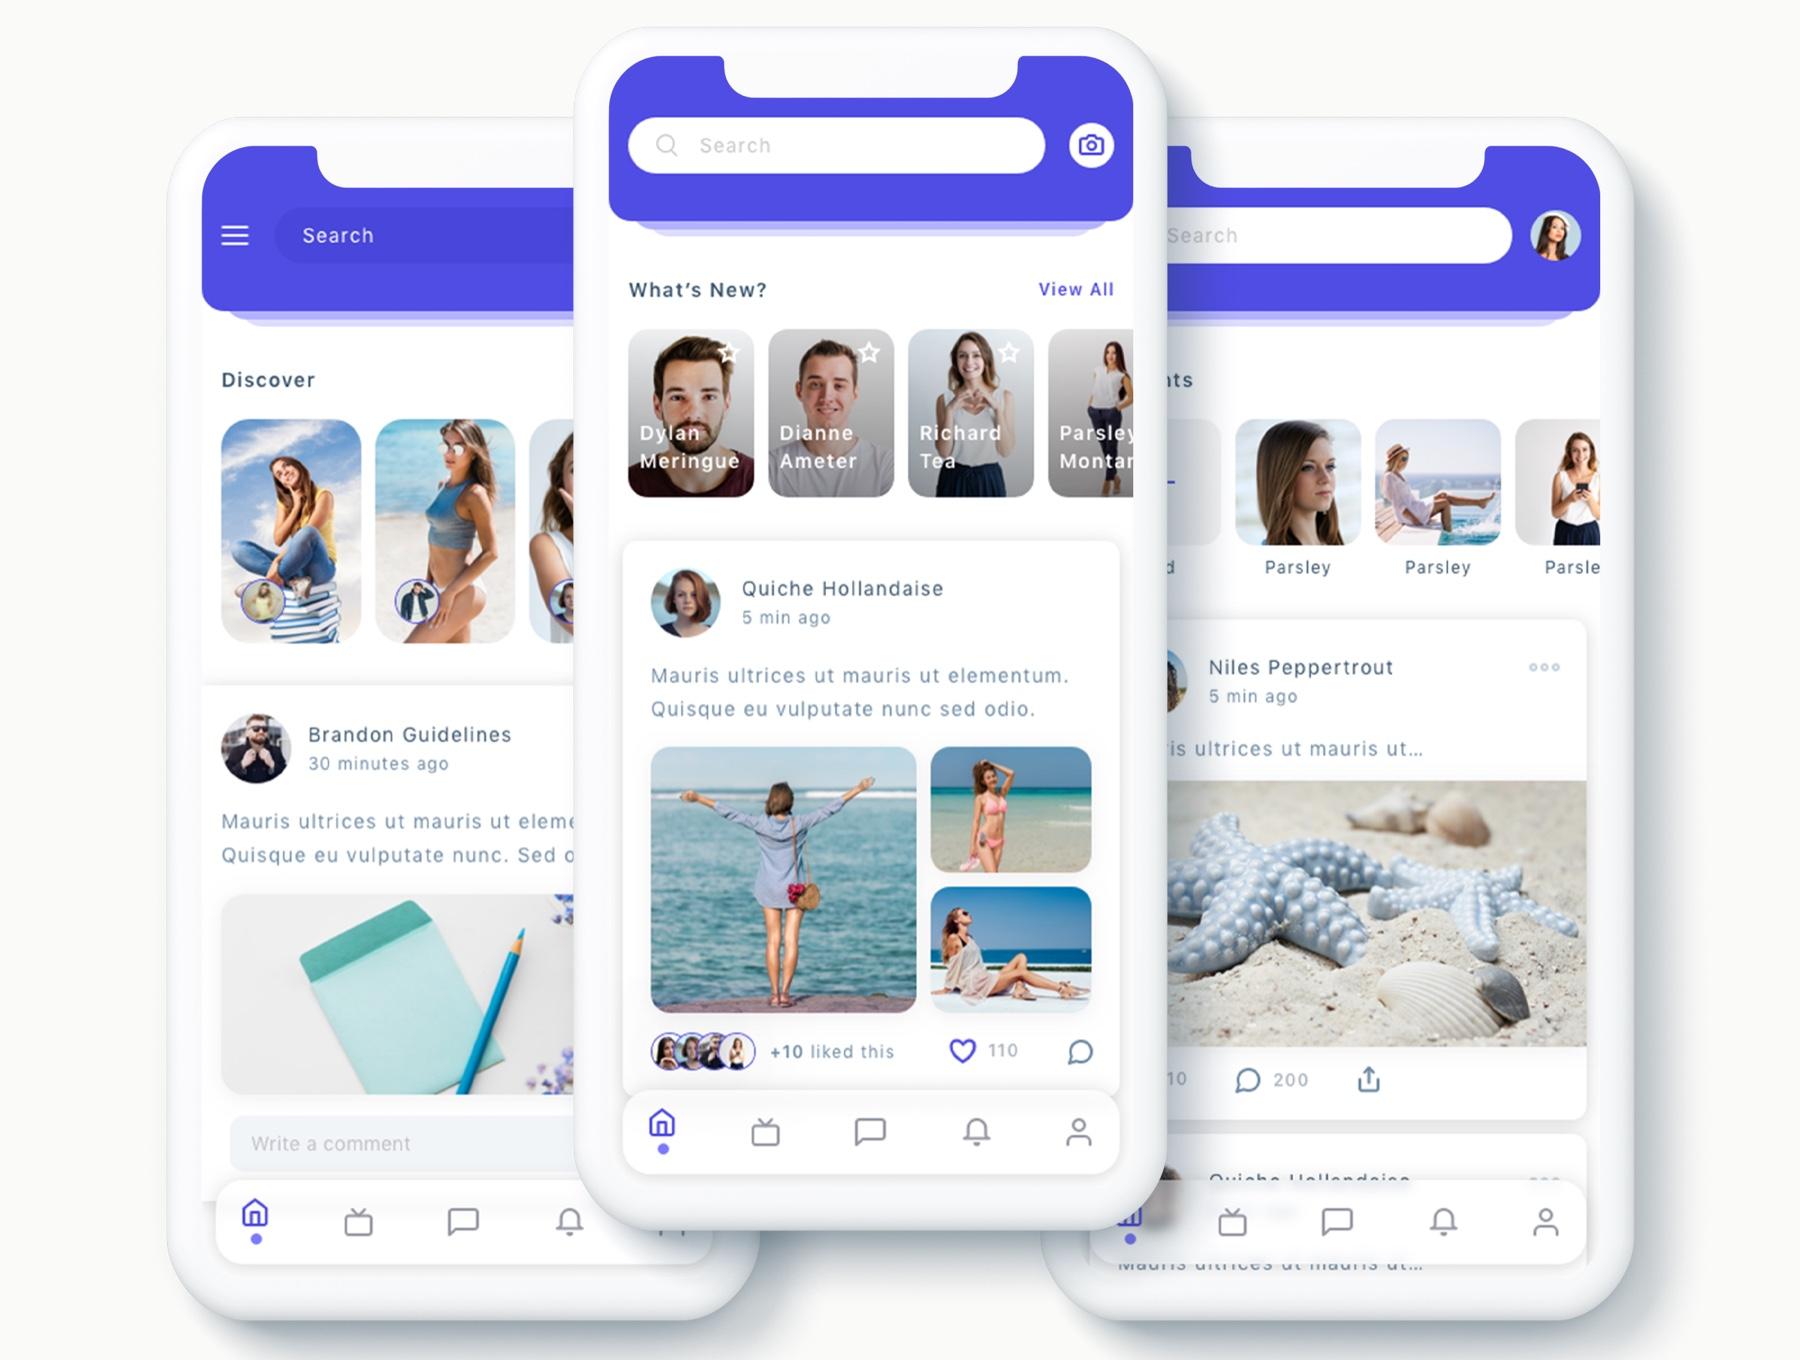 交友社交APP应用界面社交UI套件 Susen – Social Network App UI Kit插图(6)